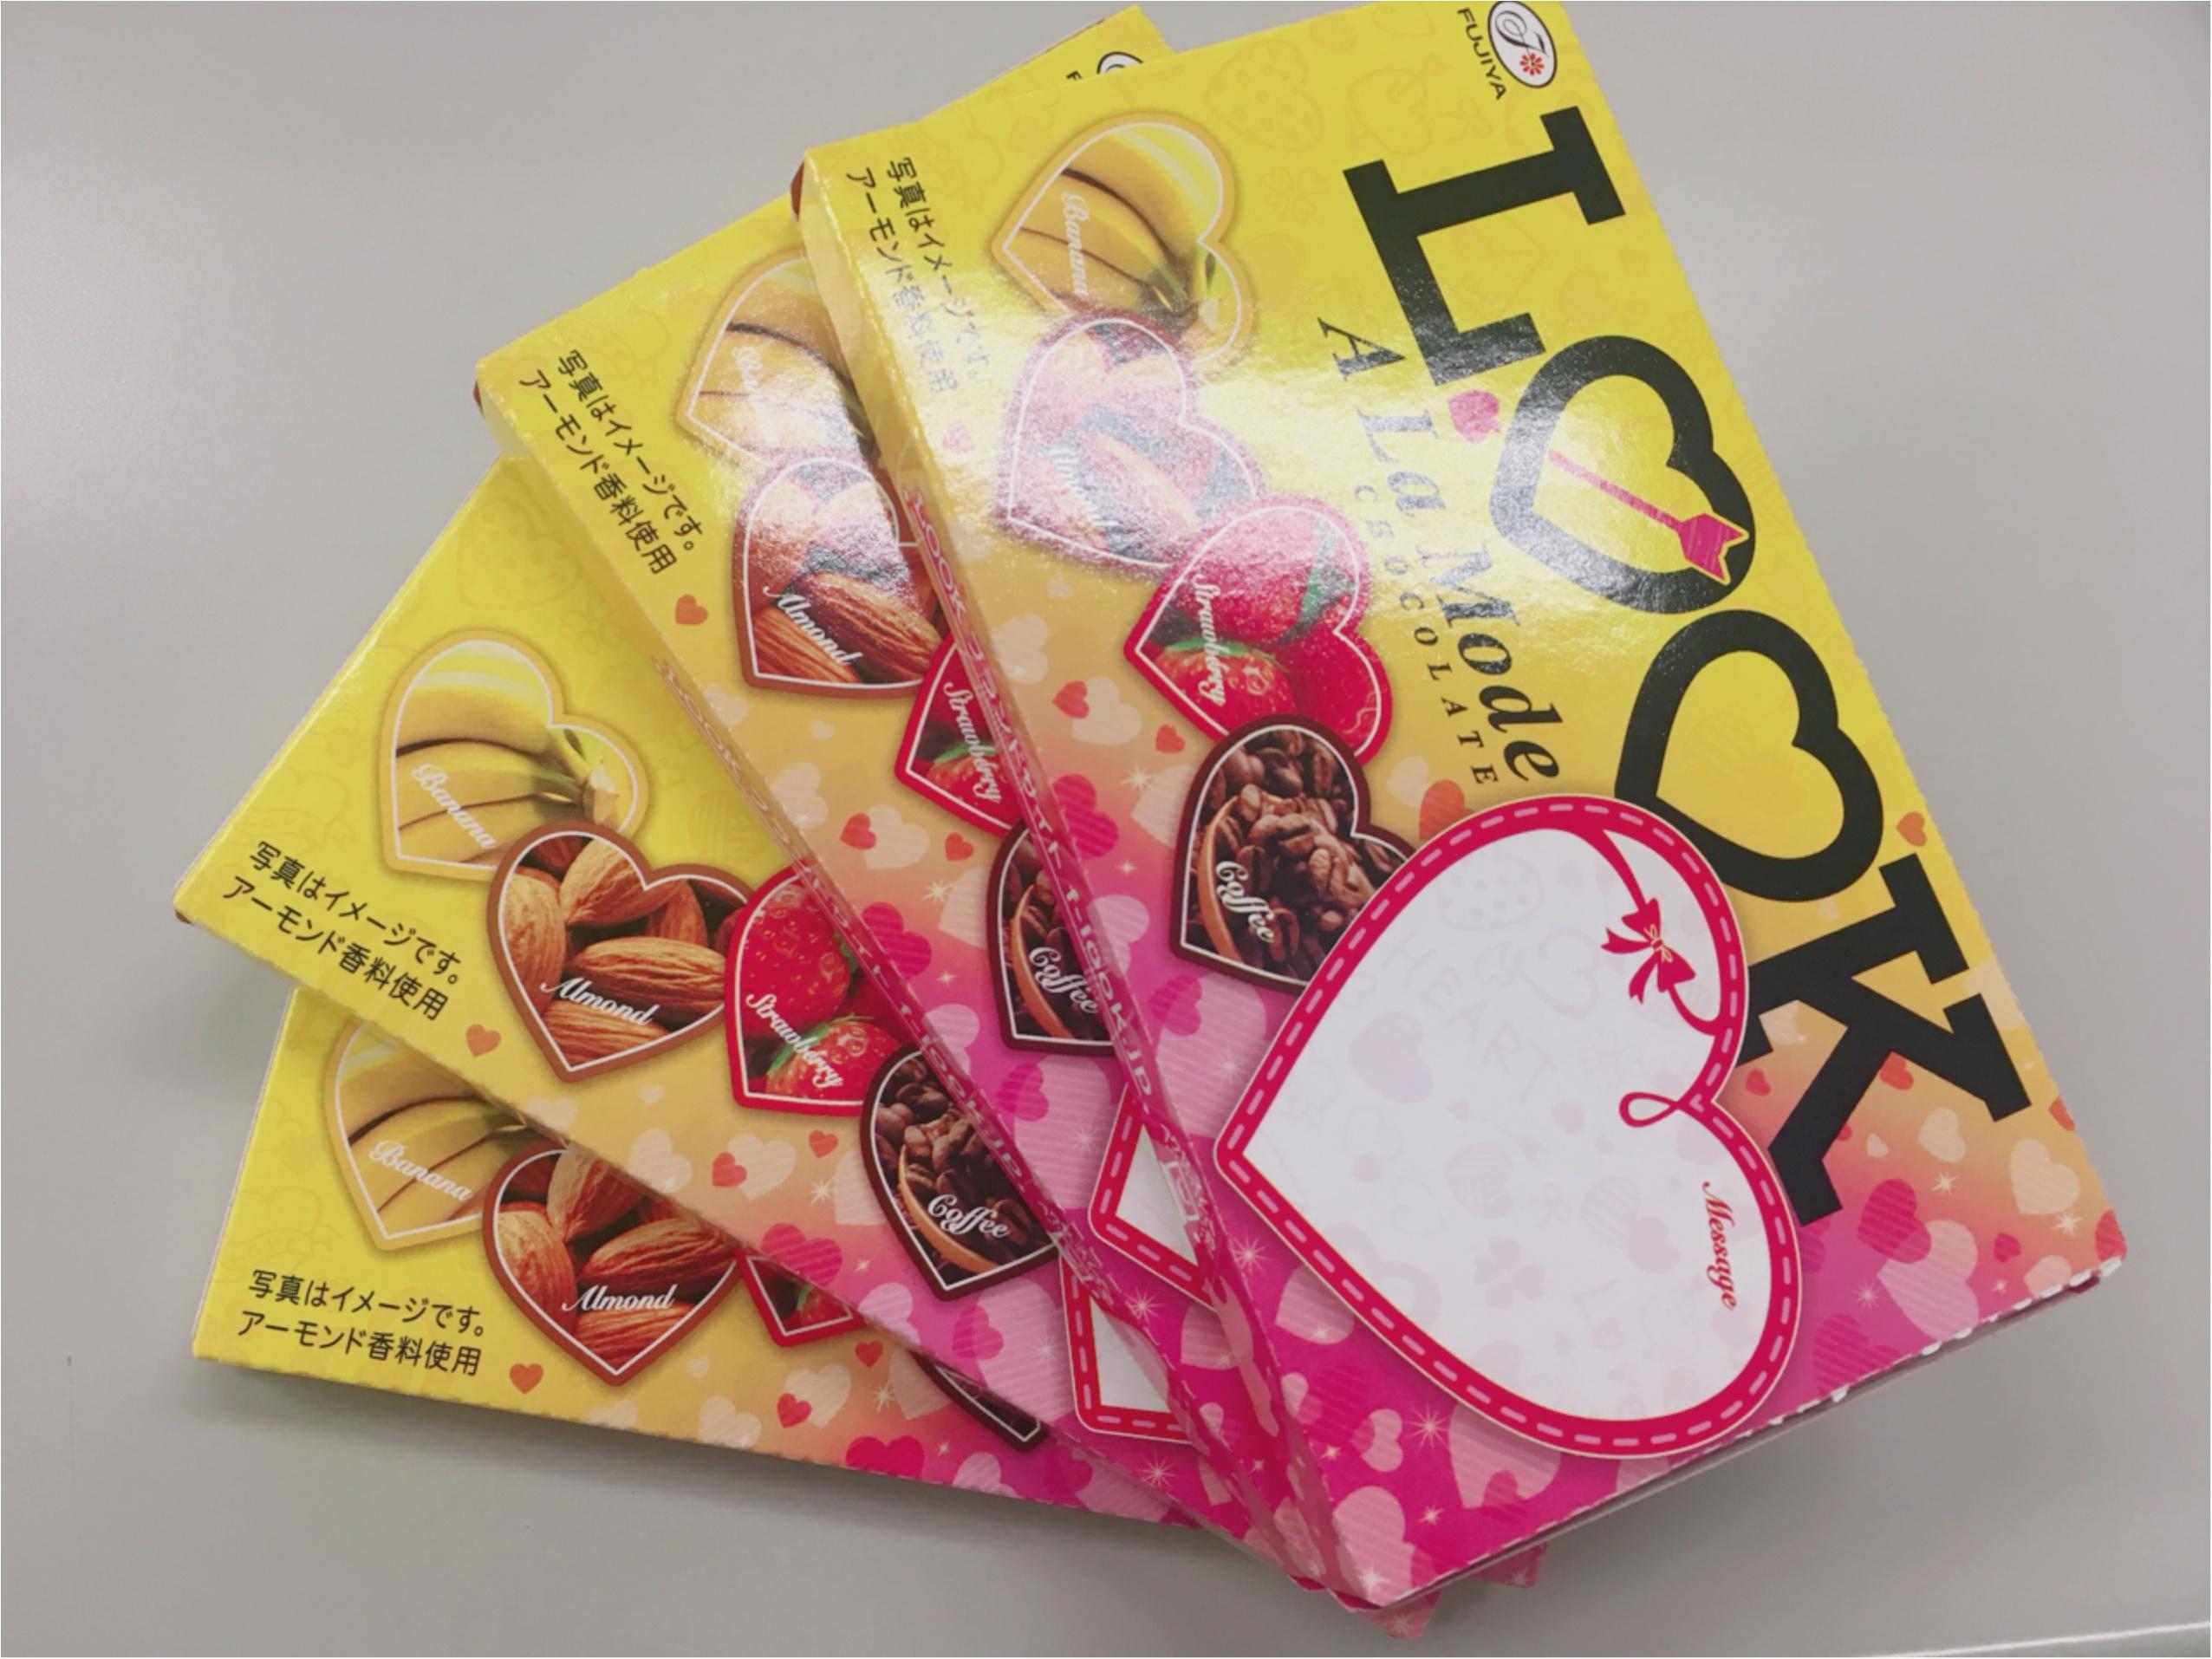 今年のバレンタインチョコレート、何あげるか決めた?私が見つけたコレ、かわいい!のチョコ♡_2